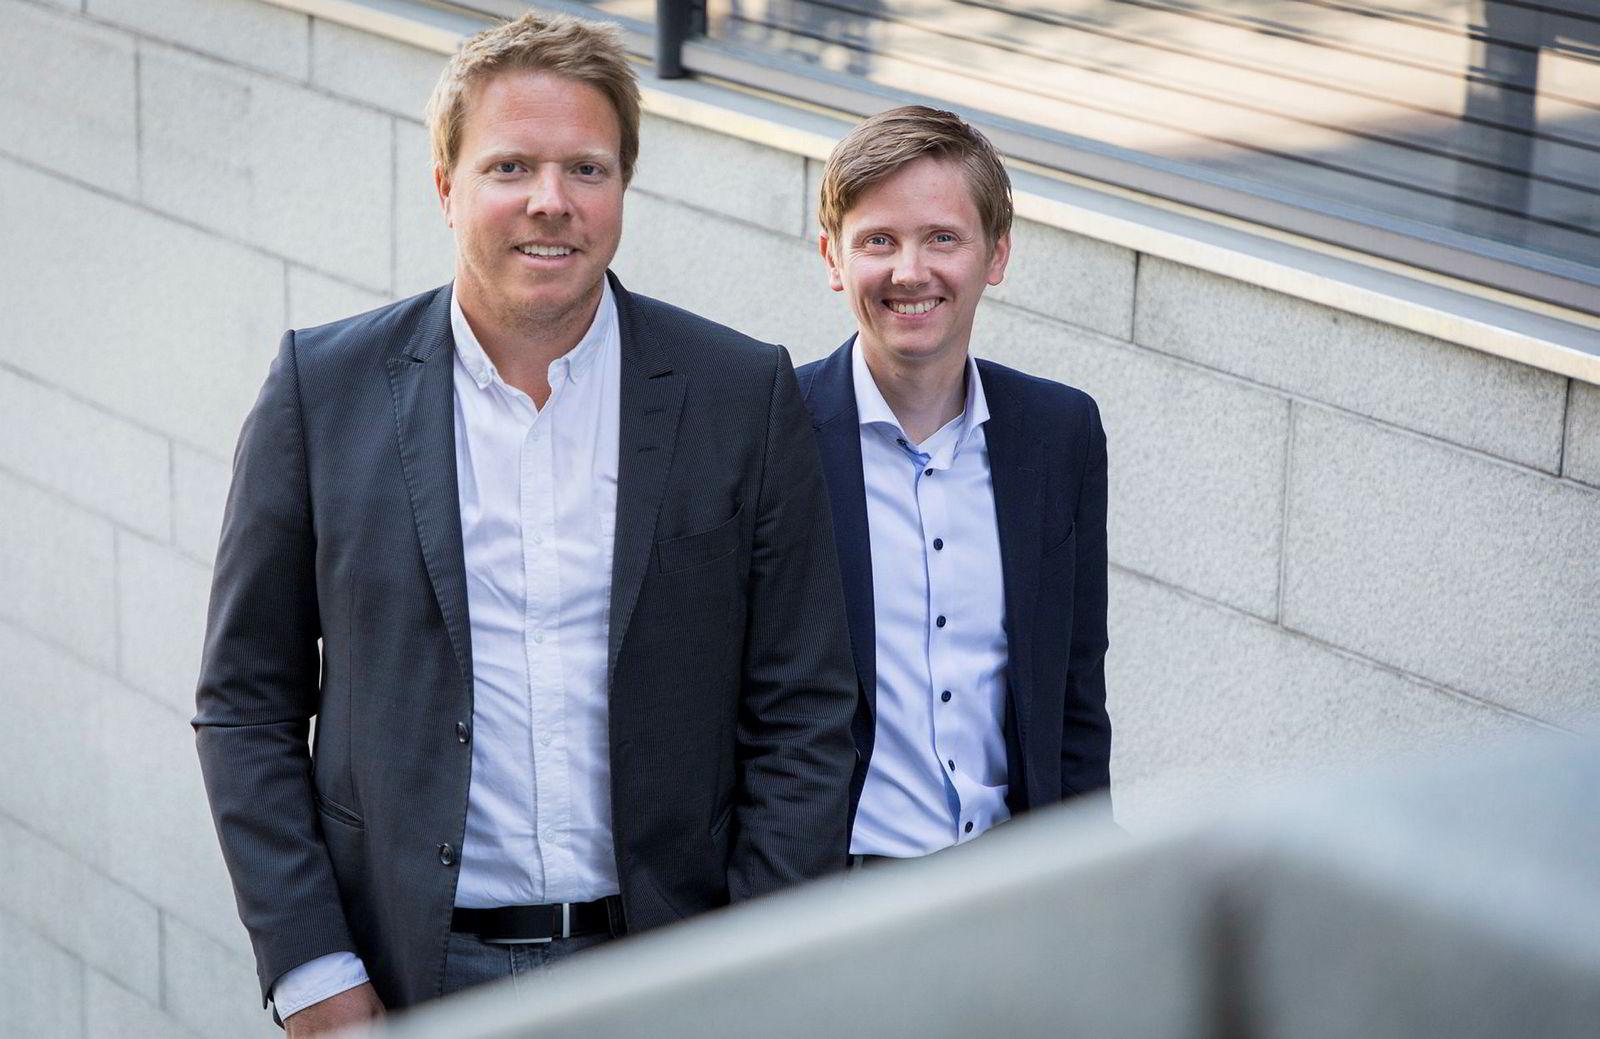 Vi skal bli betydelig større enn det vi er nå, sier administrerende direktør Eivind Helgaker (til venstre) i Ice. Ved hans side står kommunikasjonsdirektør Reynir Jóhannsson i Ice.